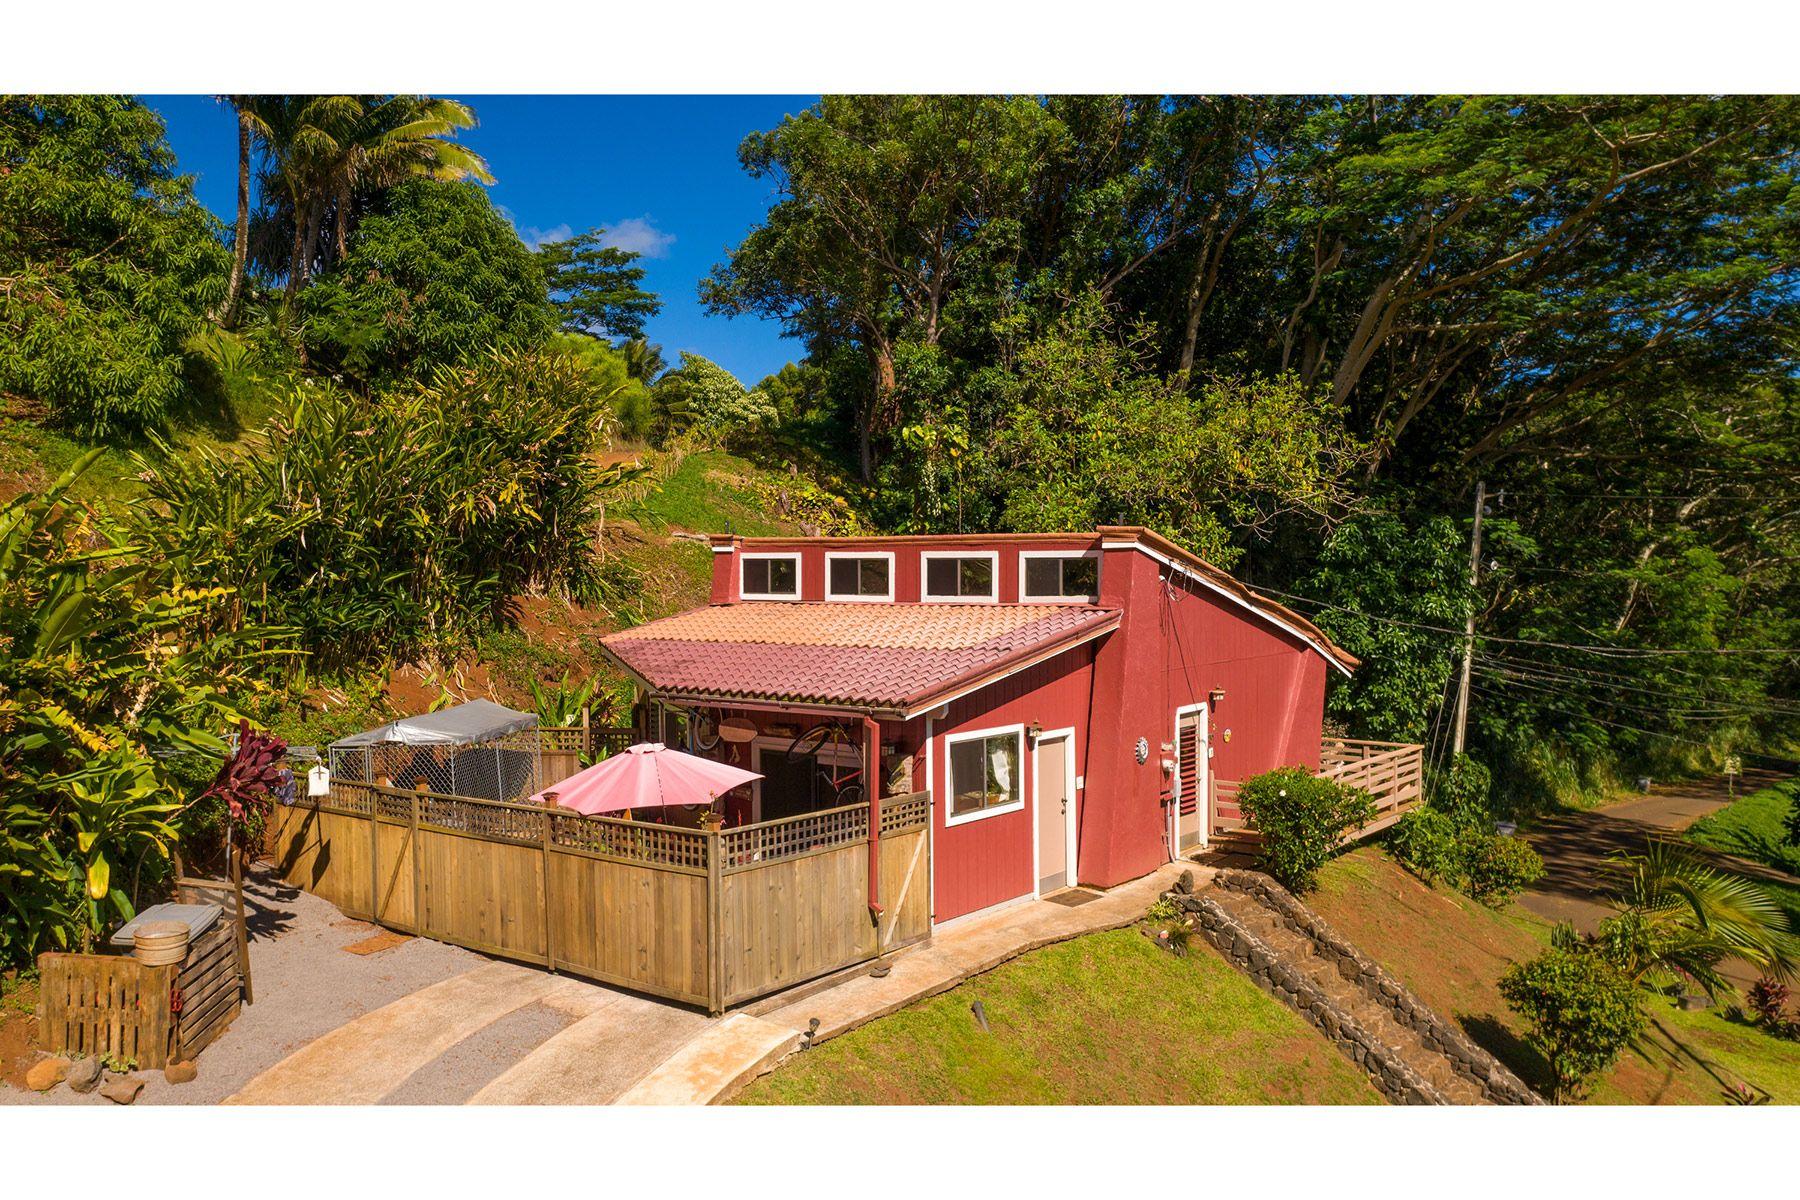 Single Family Homes for Sale at 3191 WAWAE PL #A KALAHEO, HI 96741 3191 WAWAE PL #A Kalaheo, Hawaii 96741 United States